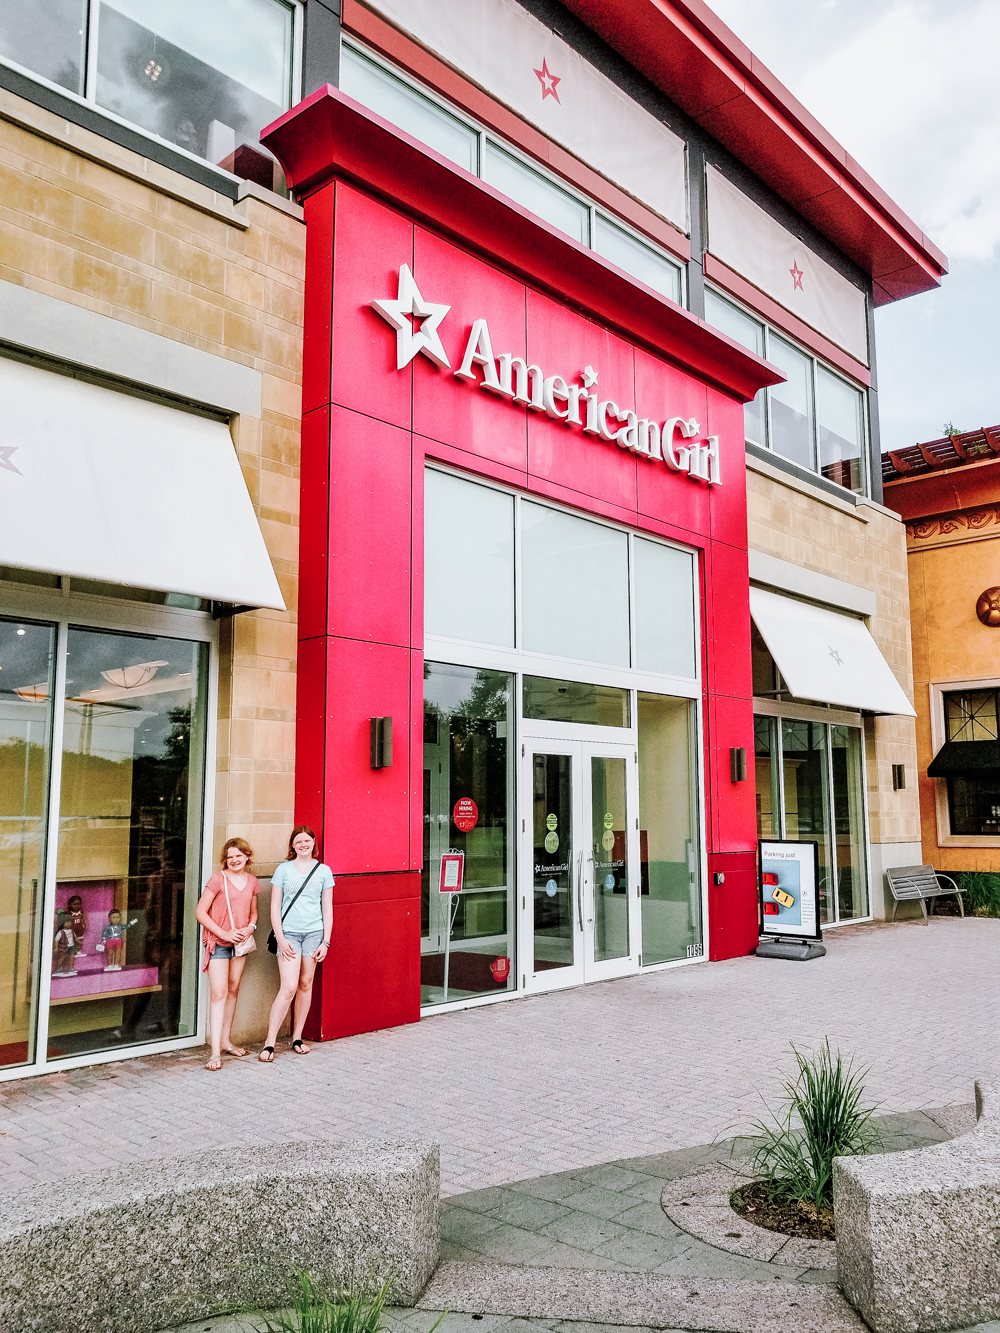 American Girl Store front Boston, Massachusetts